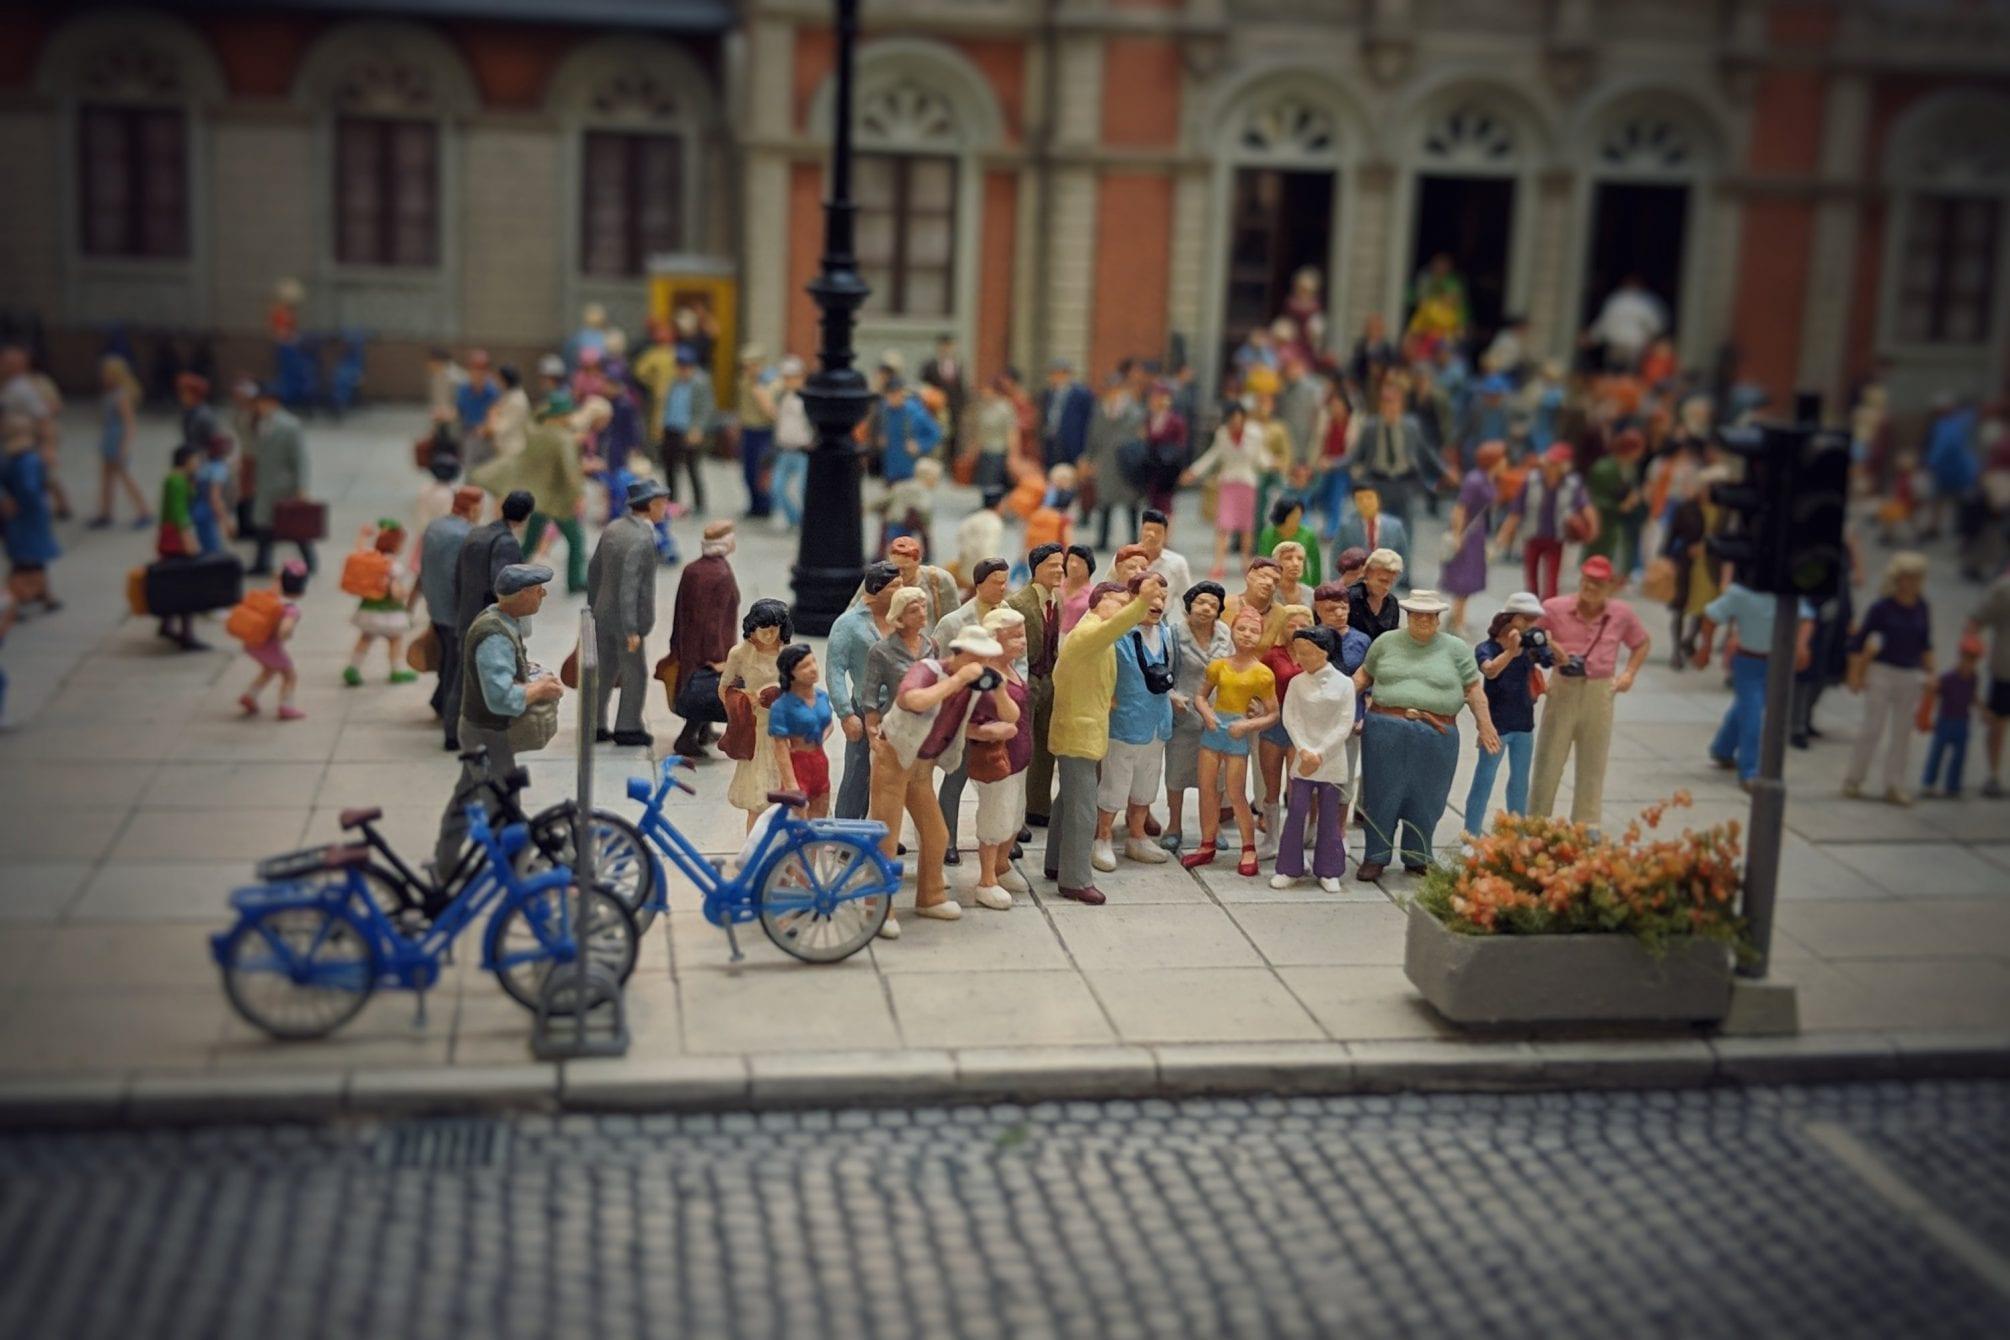 Preiser-Figuren in einem Bahnhofs-Setting, auf dem Bahnhofsvorplatz. Foto: eigene Aufnahmen; Figuren: Preiser